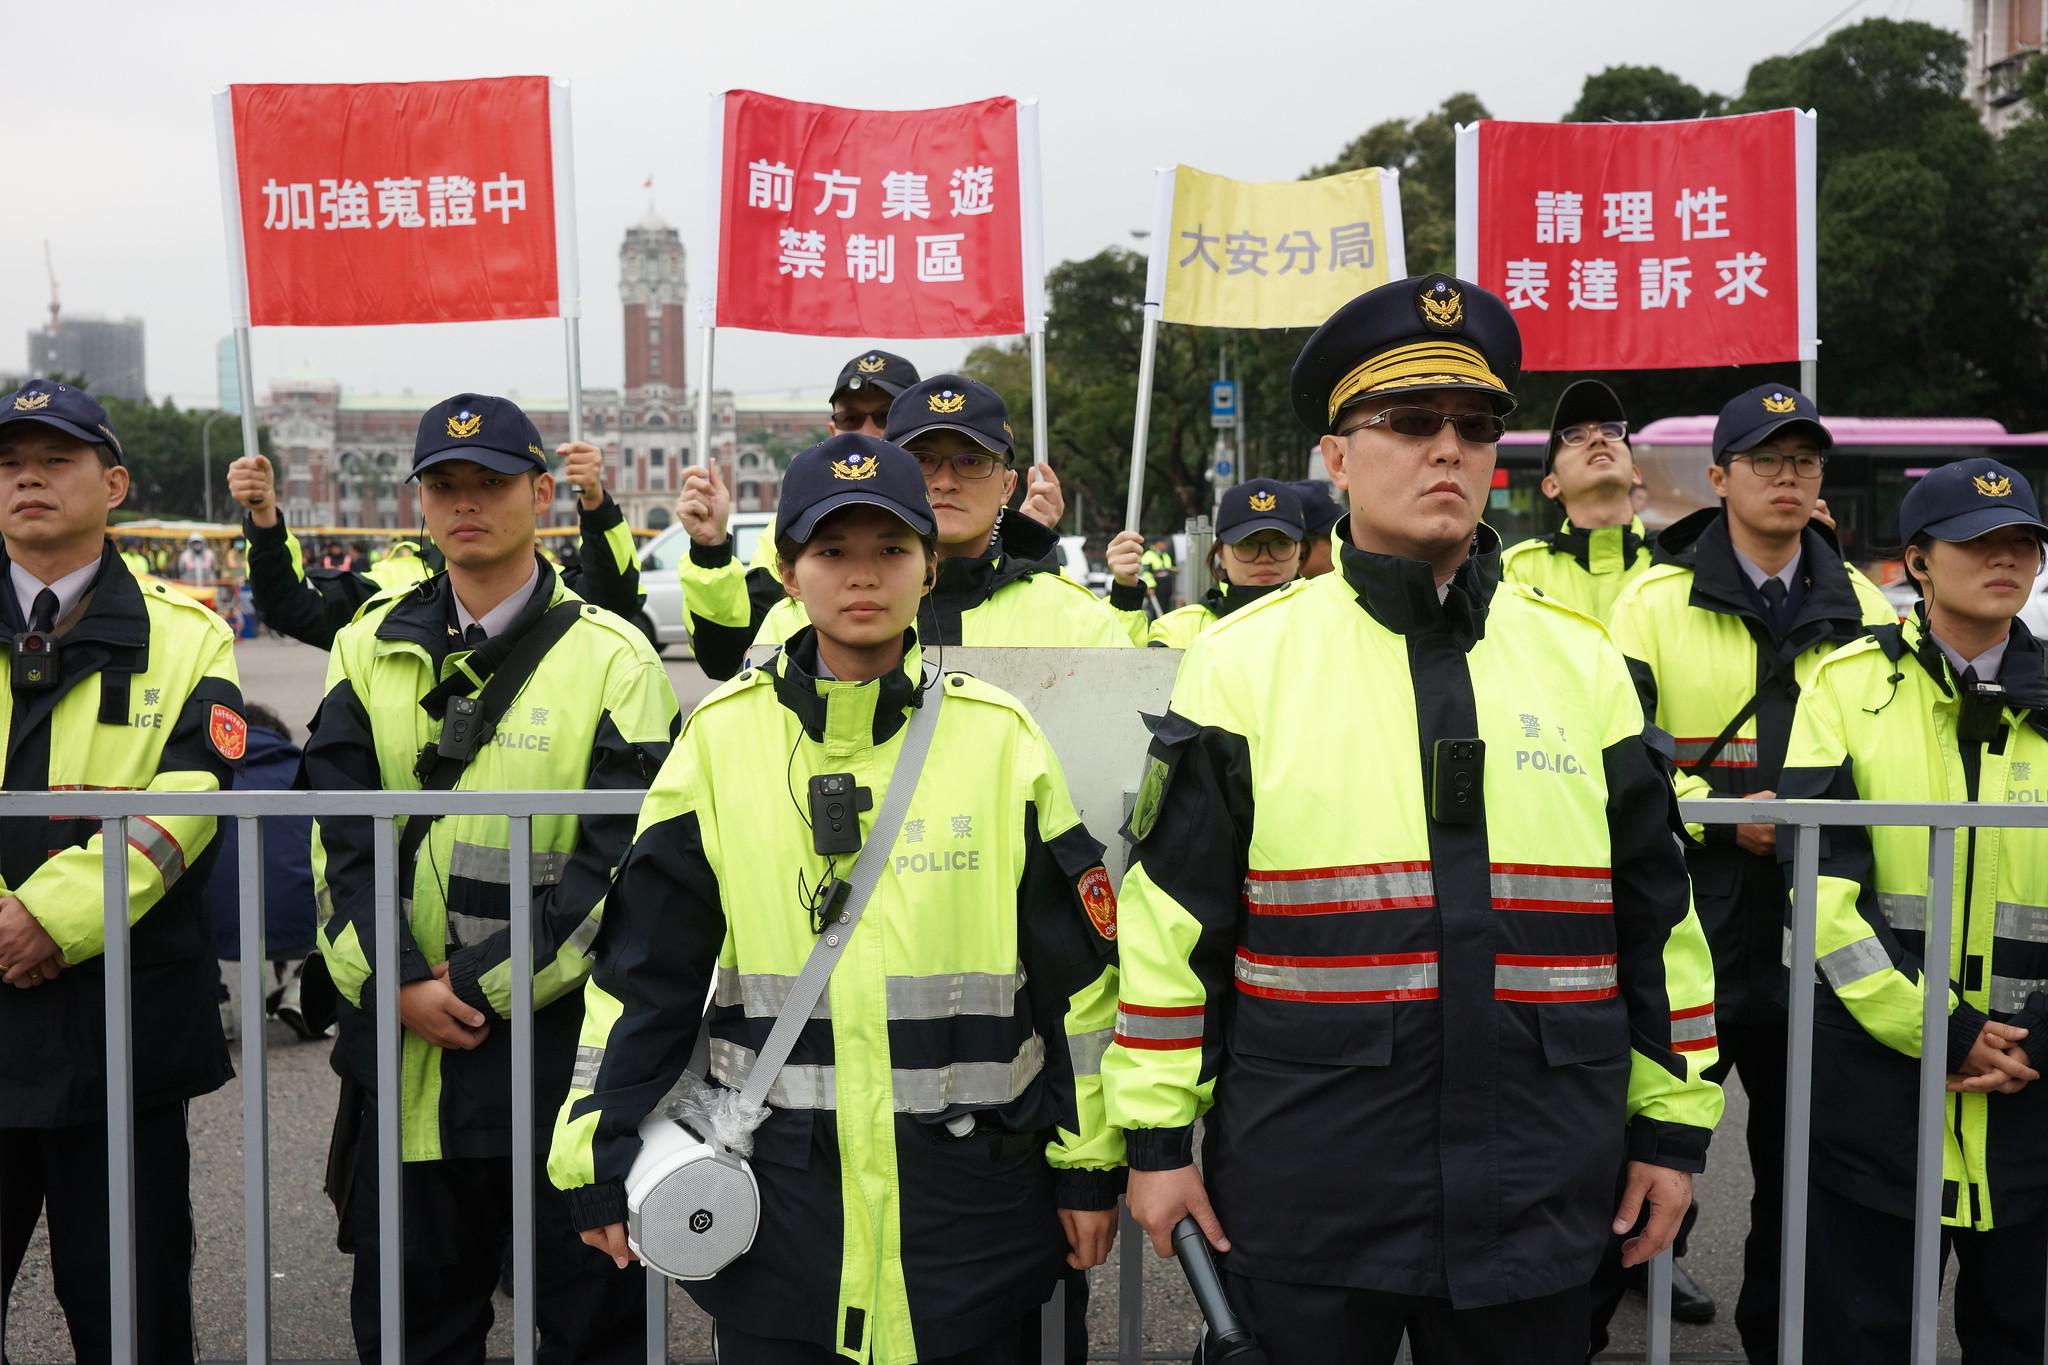 警方也有新招,模仿柯賜海在指揮官後手舉「加強蒐證中」等標語。(攝影:王顥中)